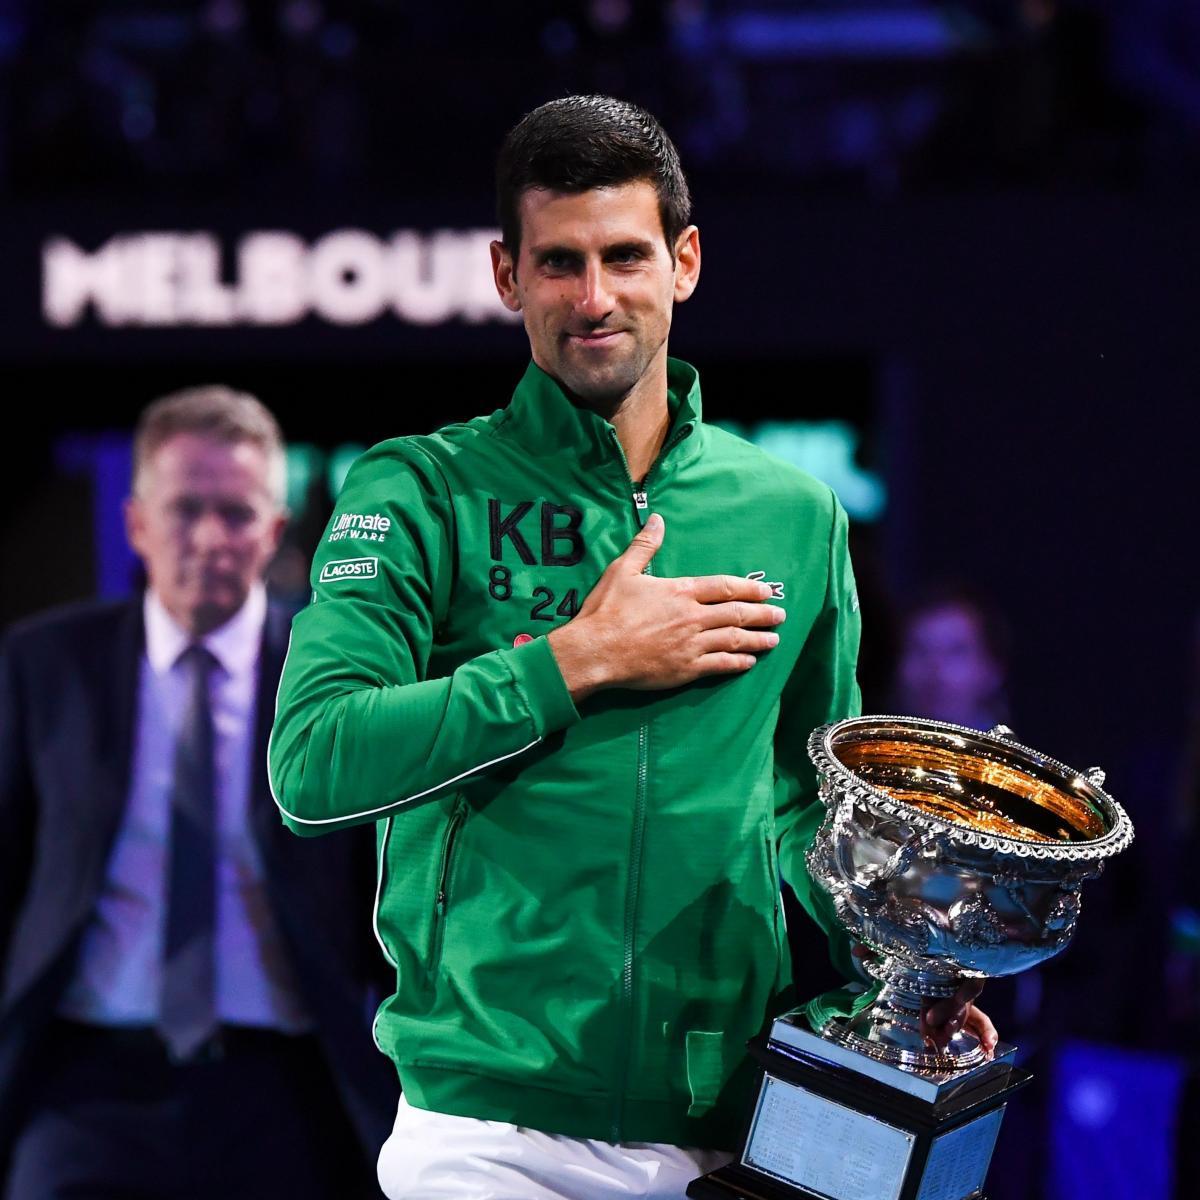 Australian Open 2020 Men S Final Winner Score And Twitter Reaction Bleacher Report Latest News Videos And Highlights